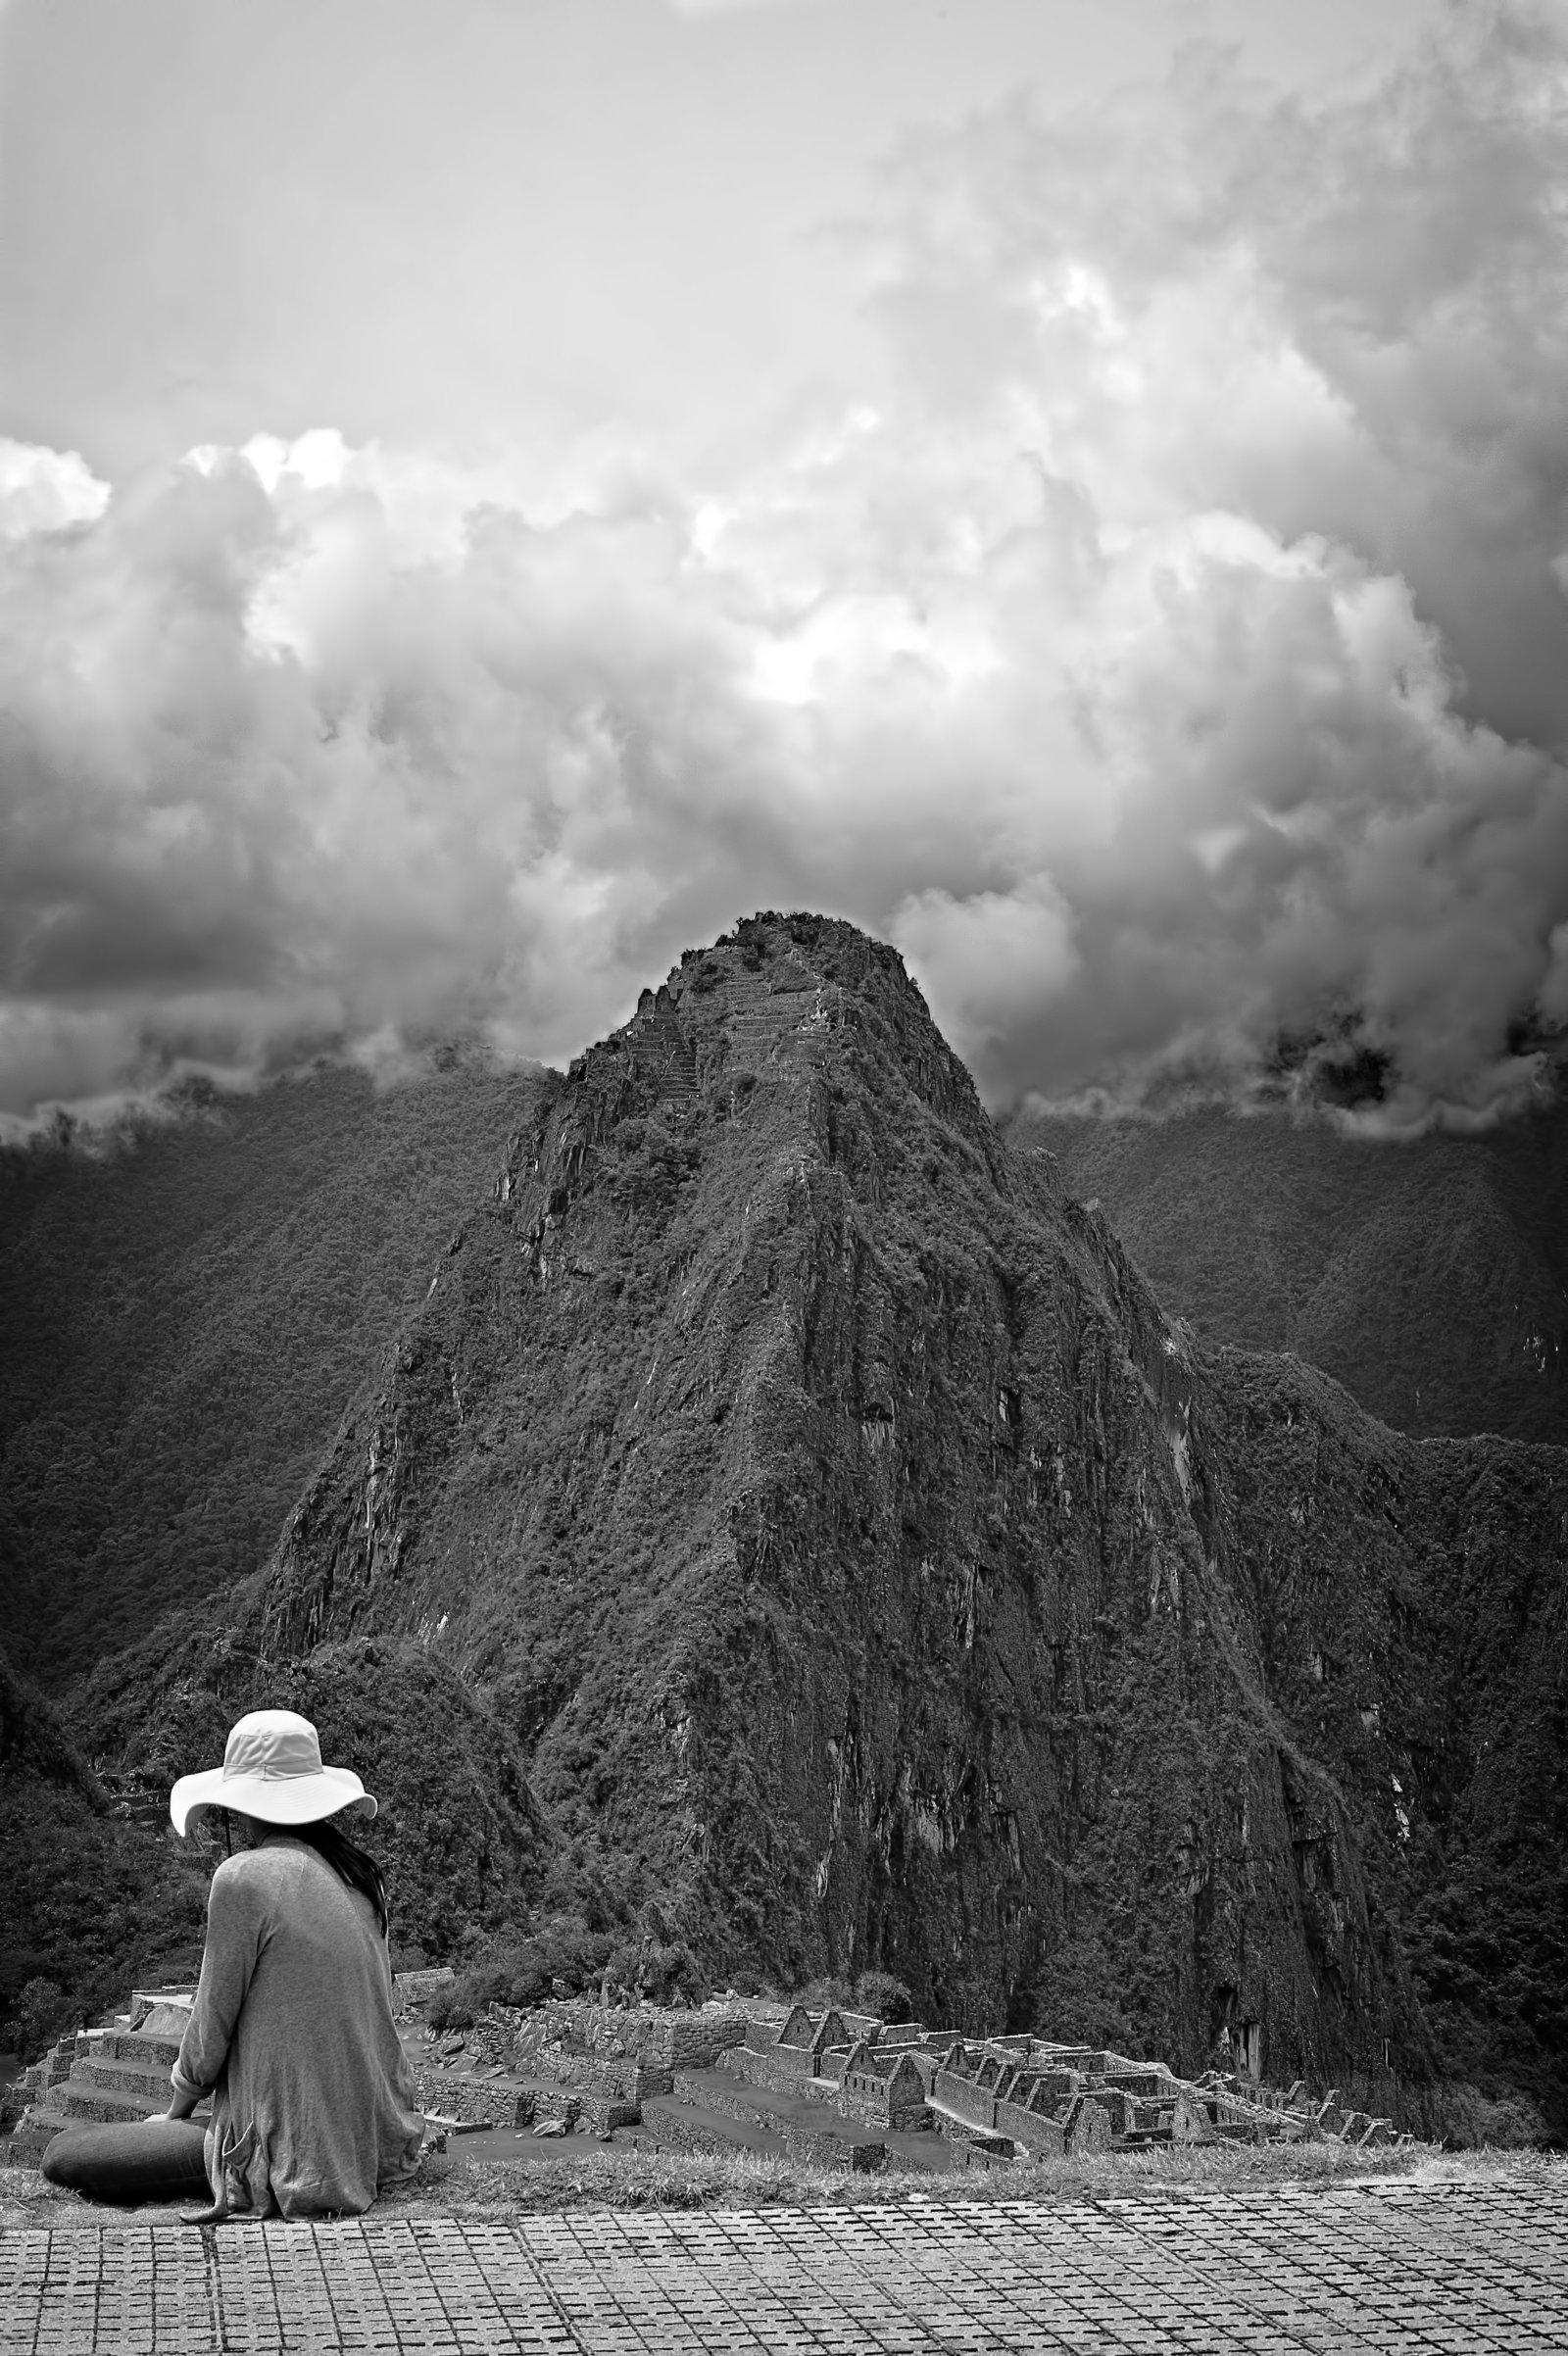 2012_11_21_Machu_Picchu_Ruins_Peru_FINAL_10